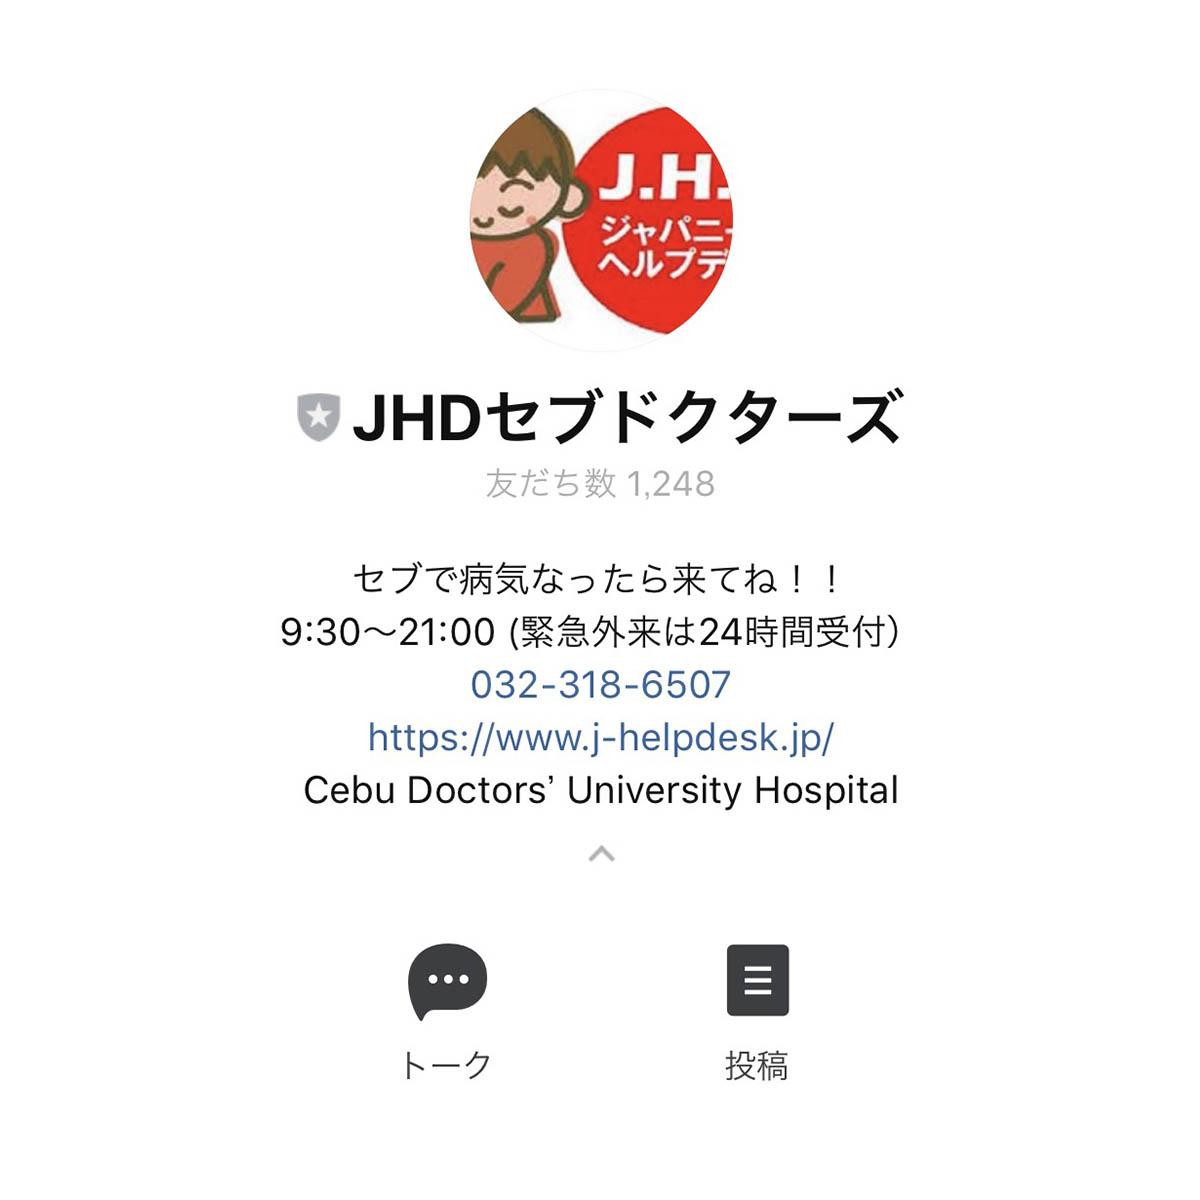 JHDLINE